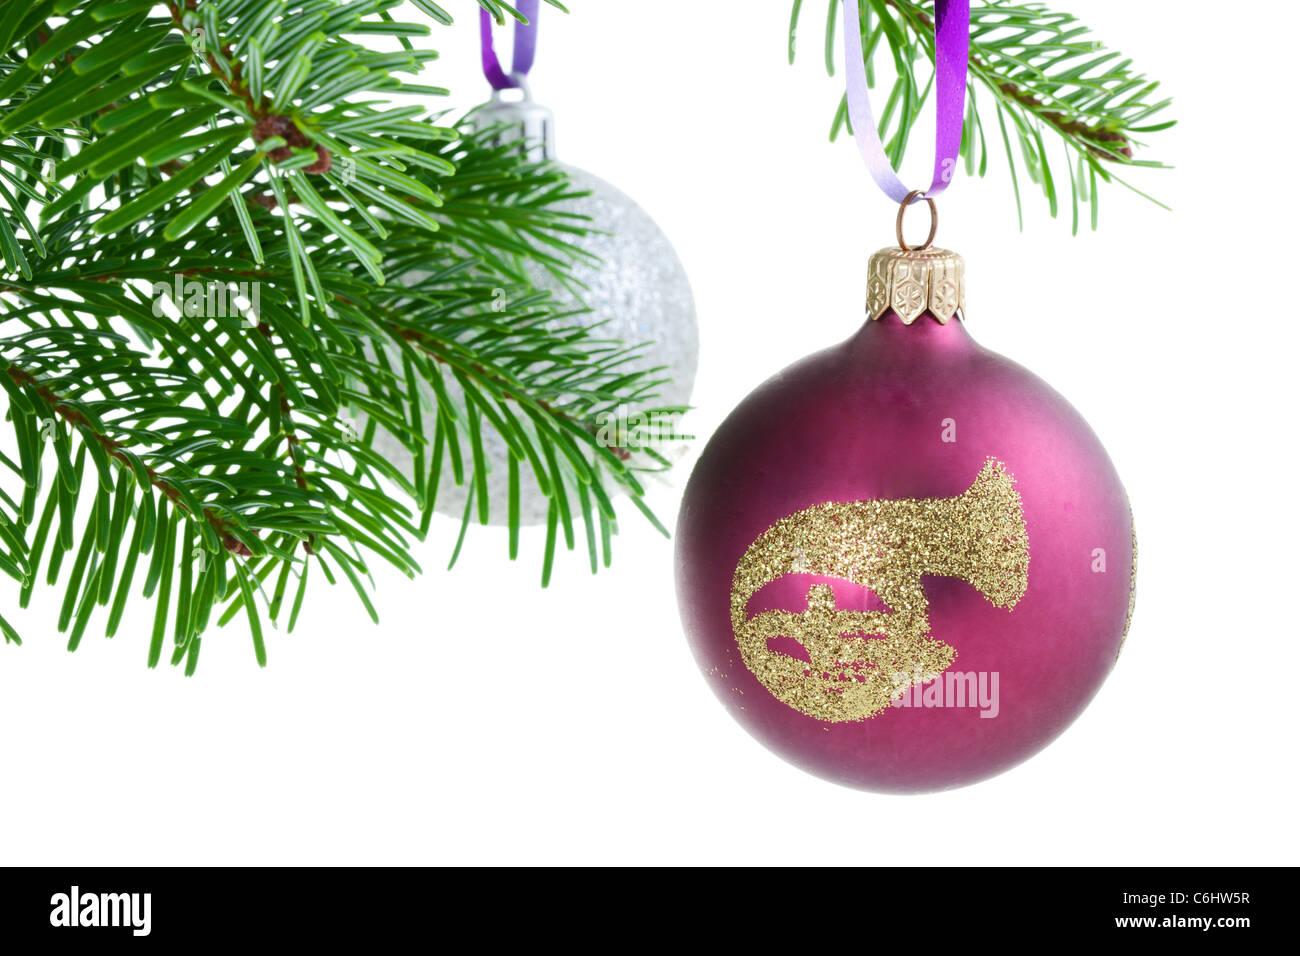 Boule de Noël onn a Christmas Tree branch Photo Stock